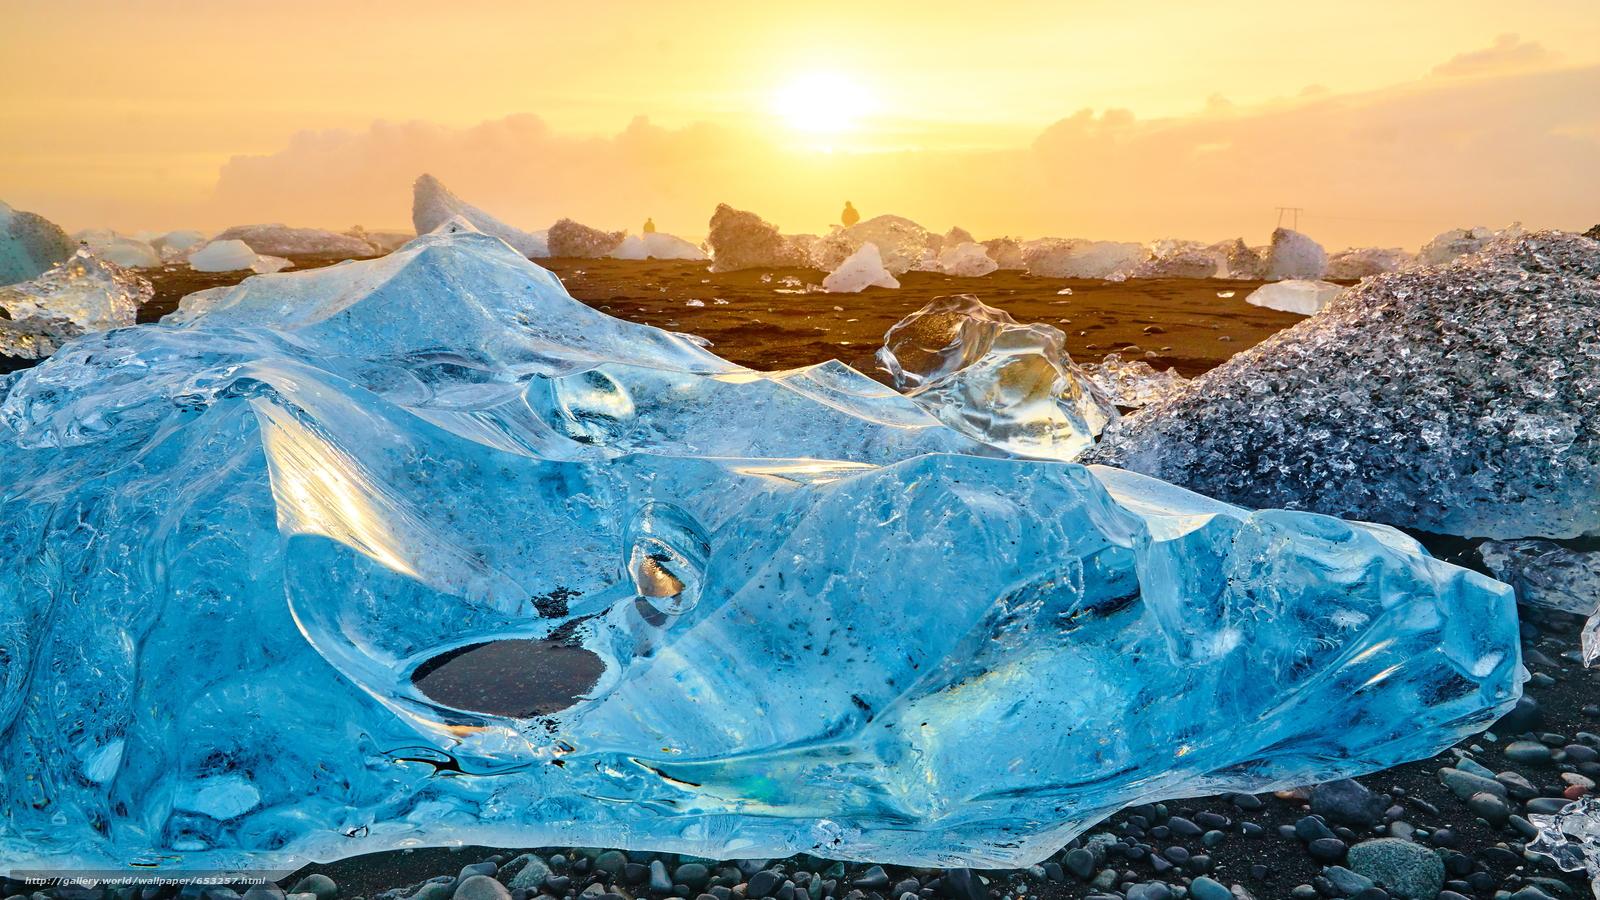 Скачать обои Исландия,  льды,  лед,  ледник бесплатно для рабочего стола в разрешении 3840x2160 — картинка №653257